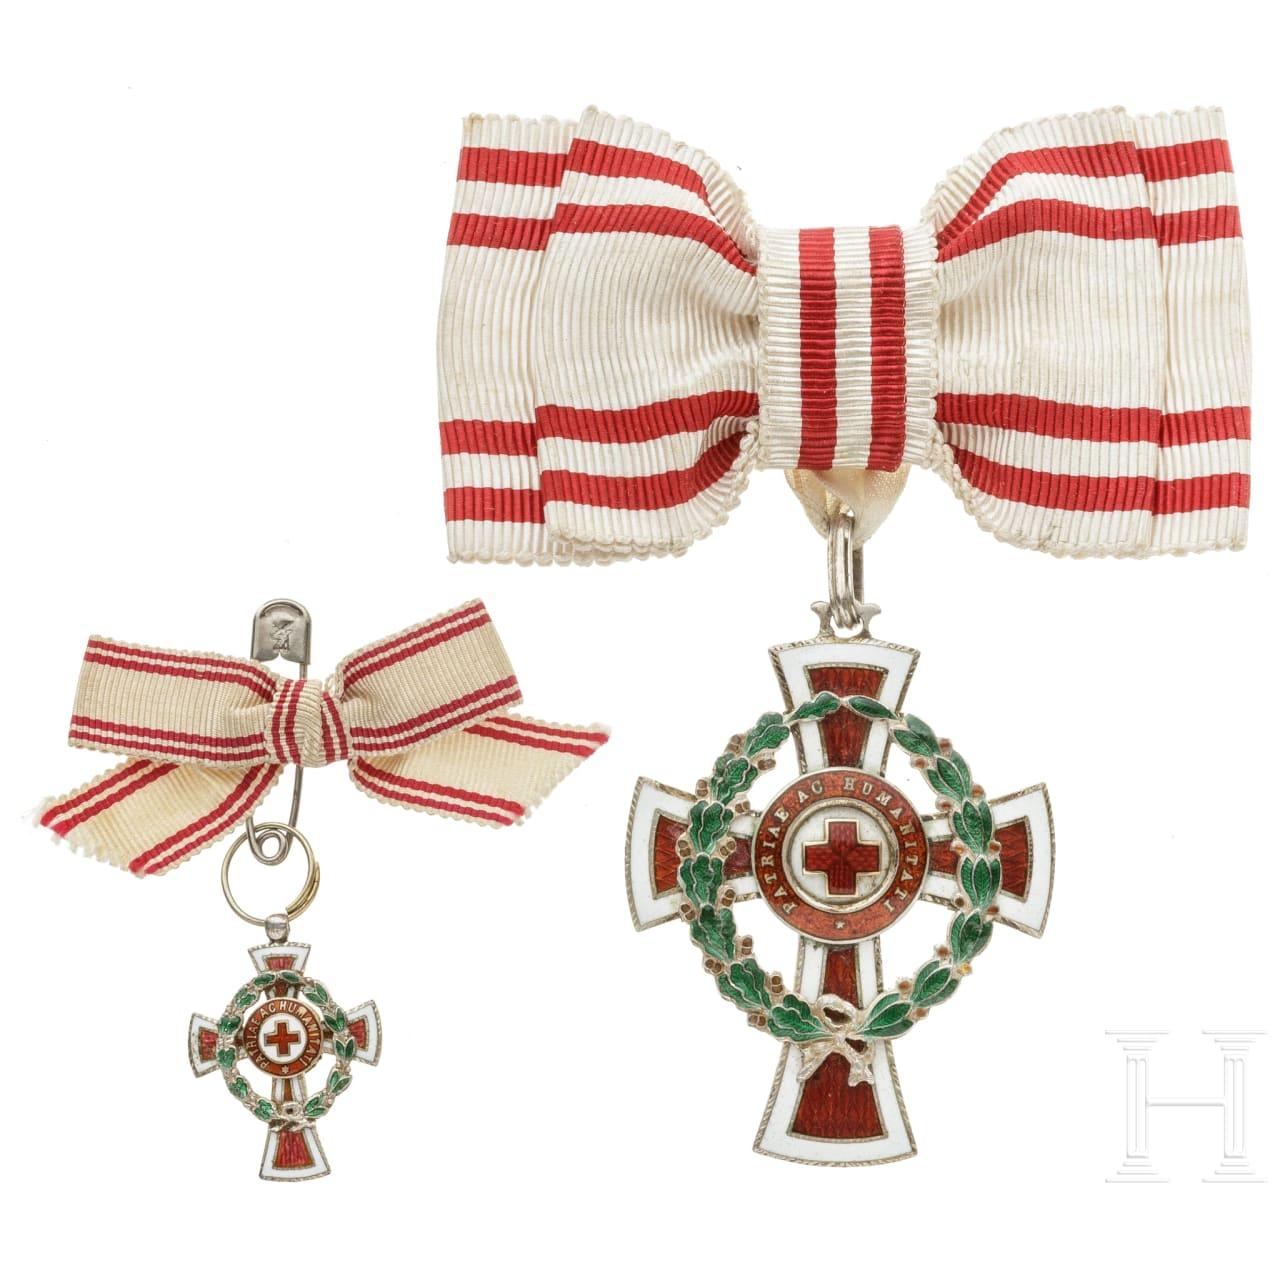 Ehrenzeichen 2. Klasse des österreichischen Roten Kreuzes mit Kriegsdekoration, mit Miniatur, jew. an Damenschleife